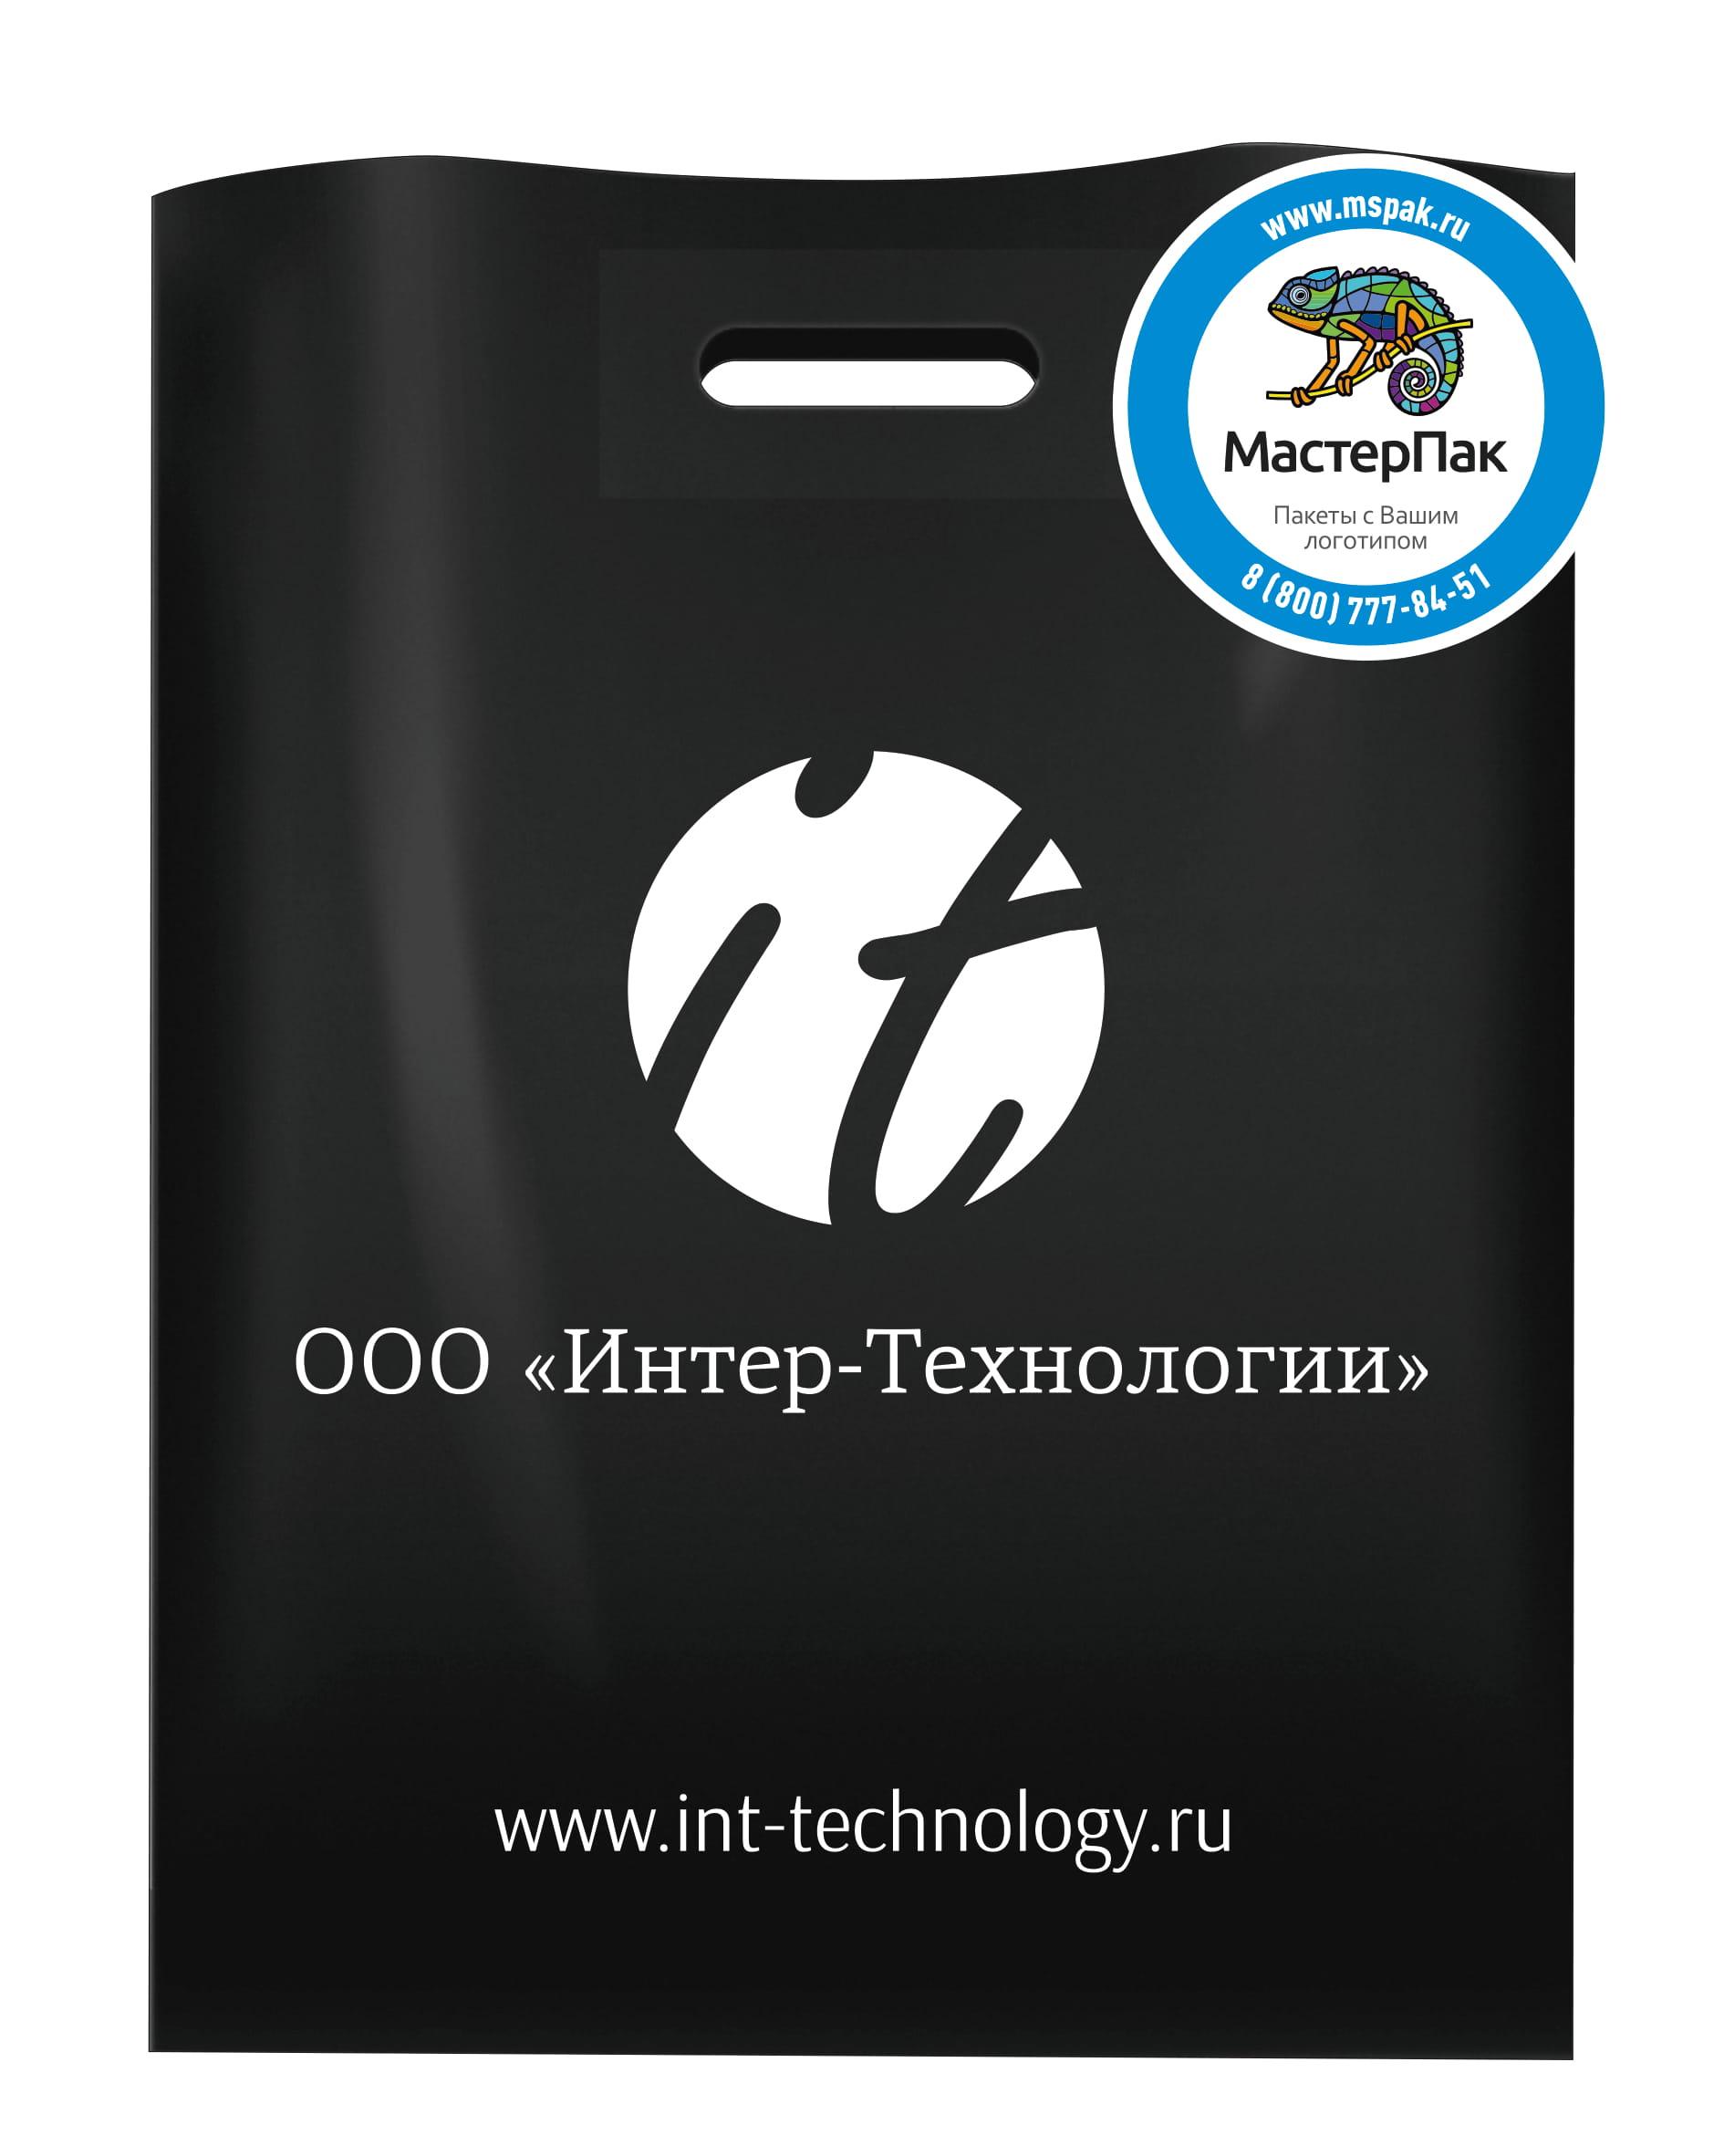 Пакет ПВД с логотипом Интер-Технологии, Спб, вырубная ручка, черный